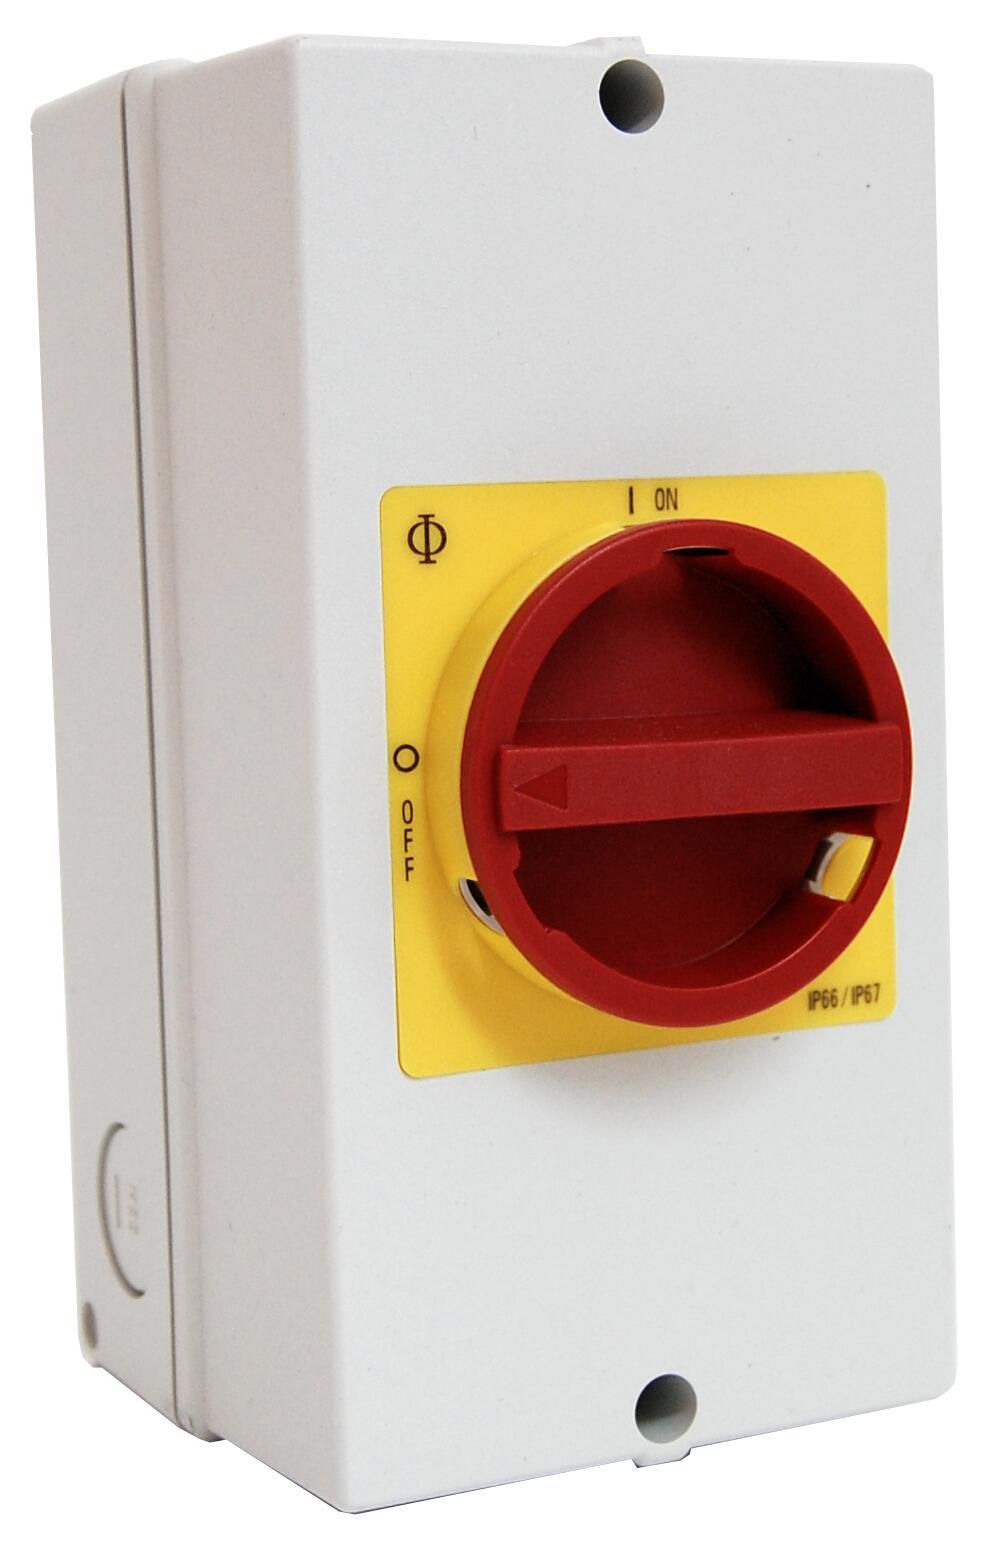 1 Stk Not-Aus-Schalter, 3-polig, PE-Klemme, 20A IN892010--